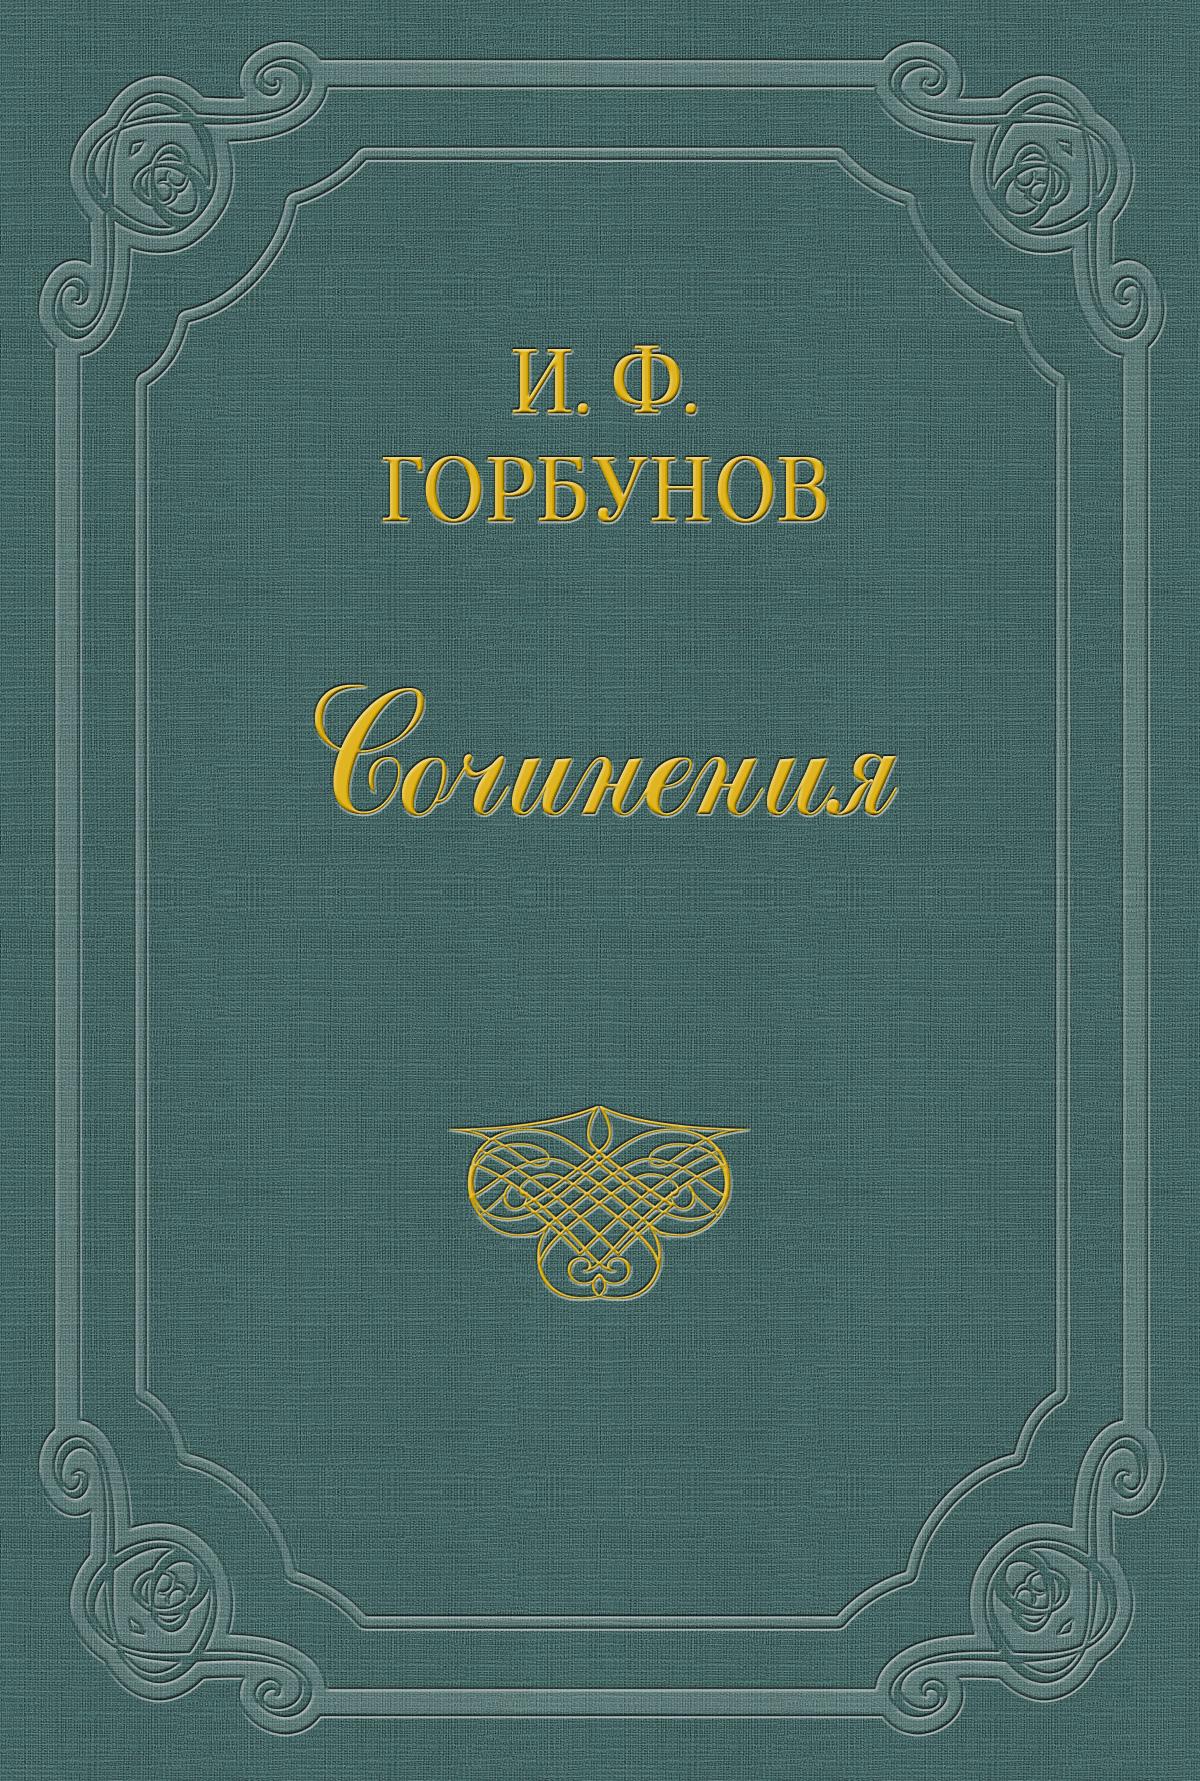 Иван Федорович Горбунов С широкой масляницей! иван федорович горбунов на ярмарке